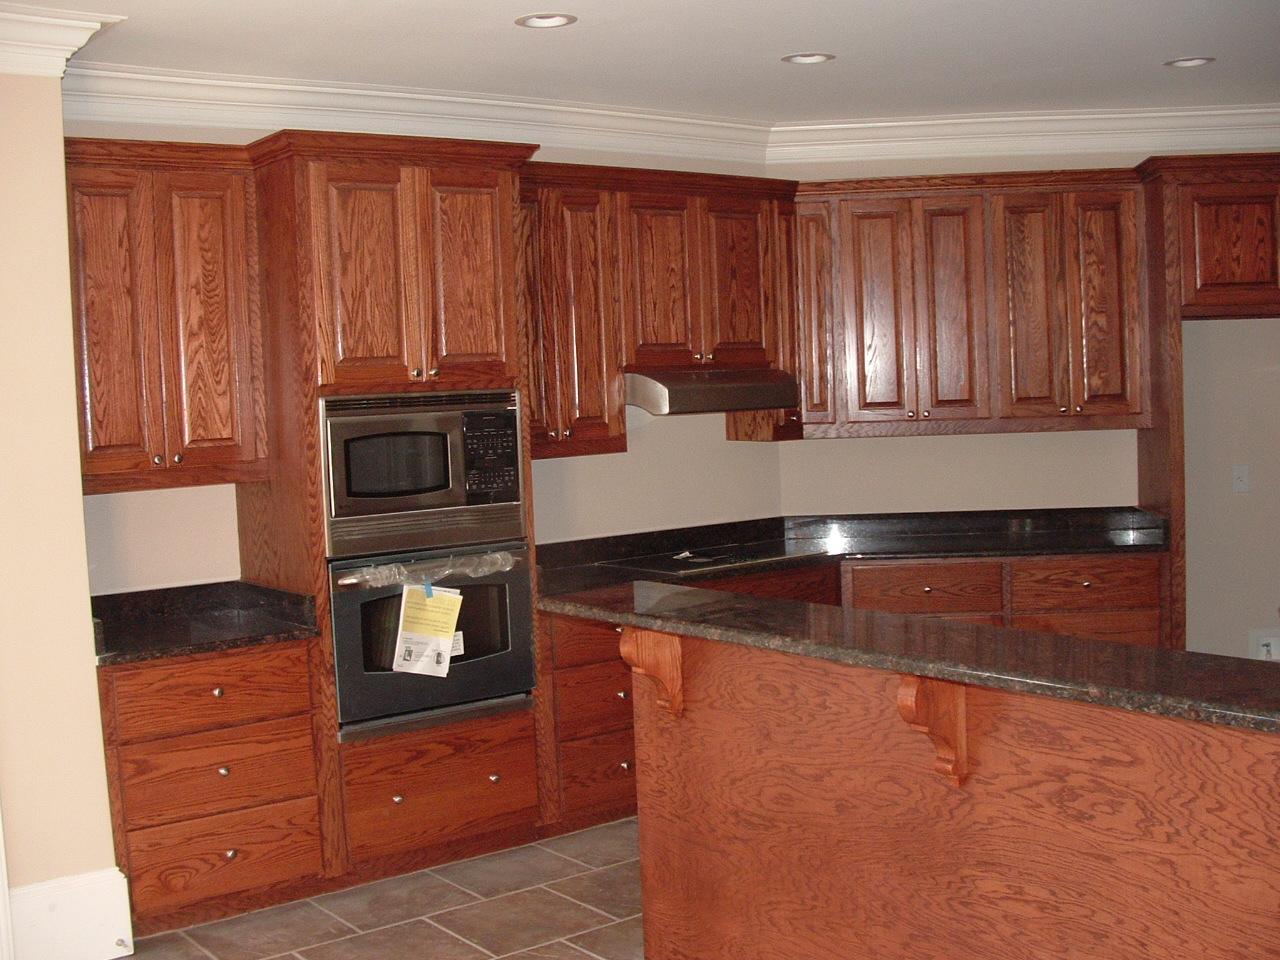 Cherry wood kitchen island | | Kitchen ideas